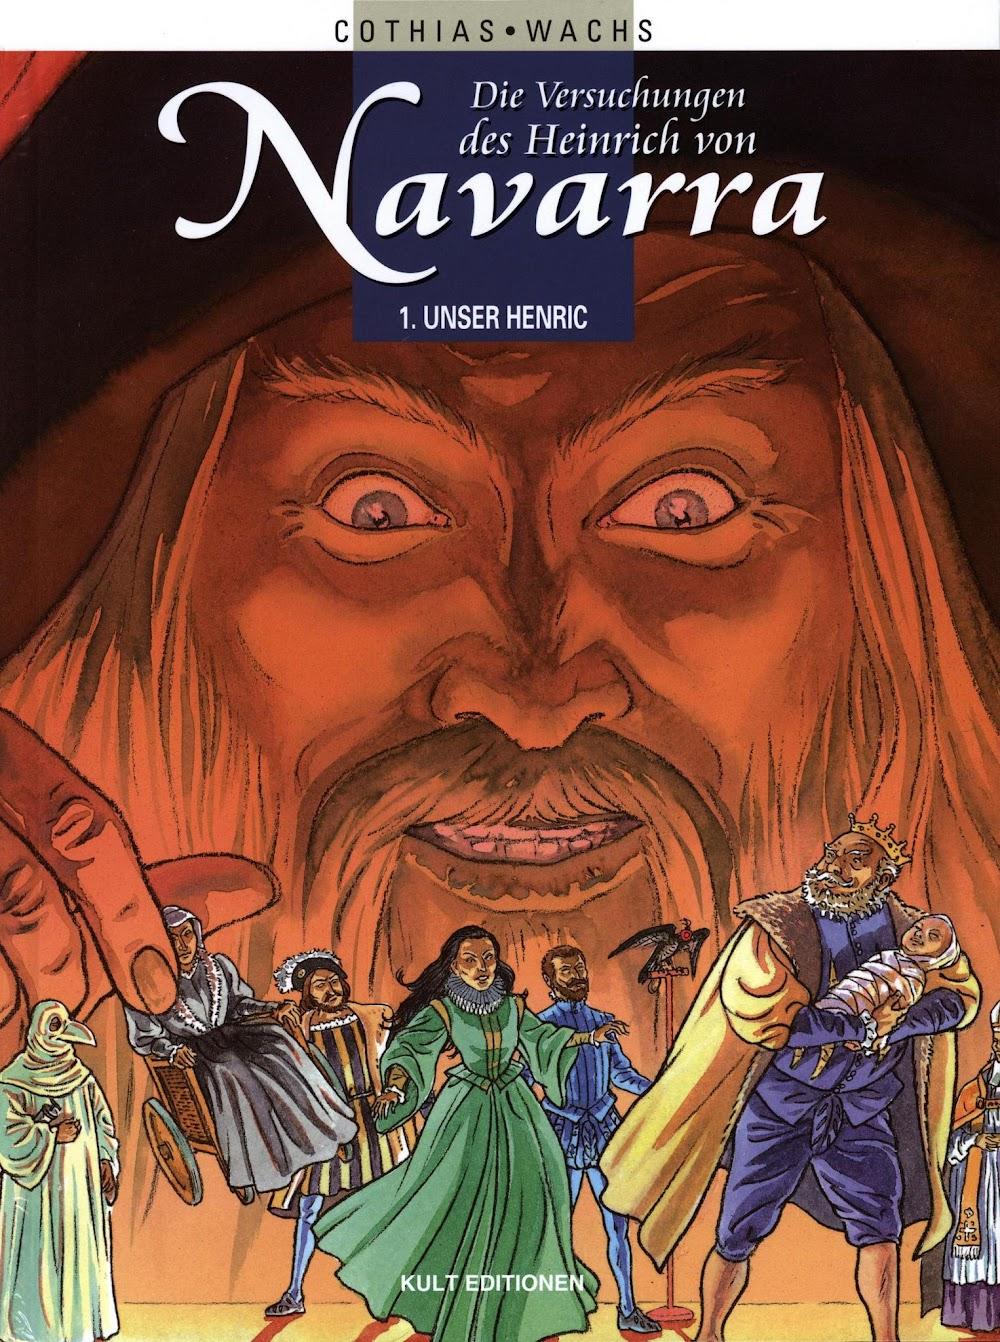 Die Versuchungen des Heinrich von Navarra (1999)